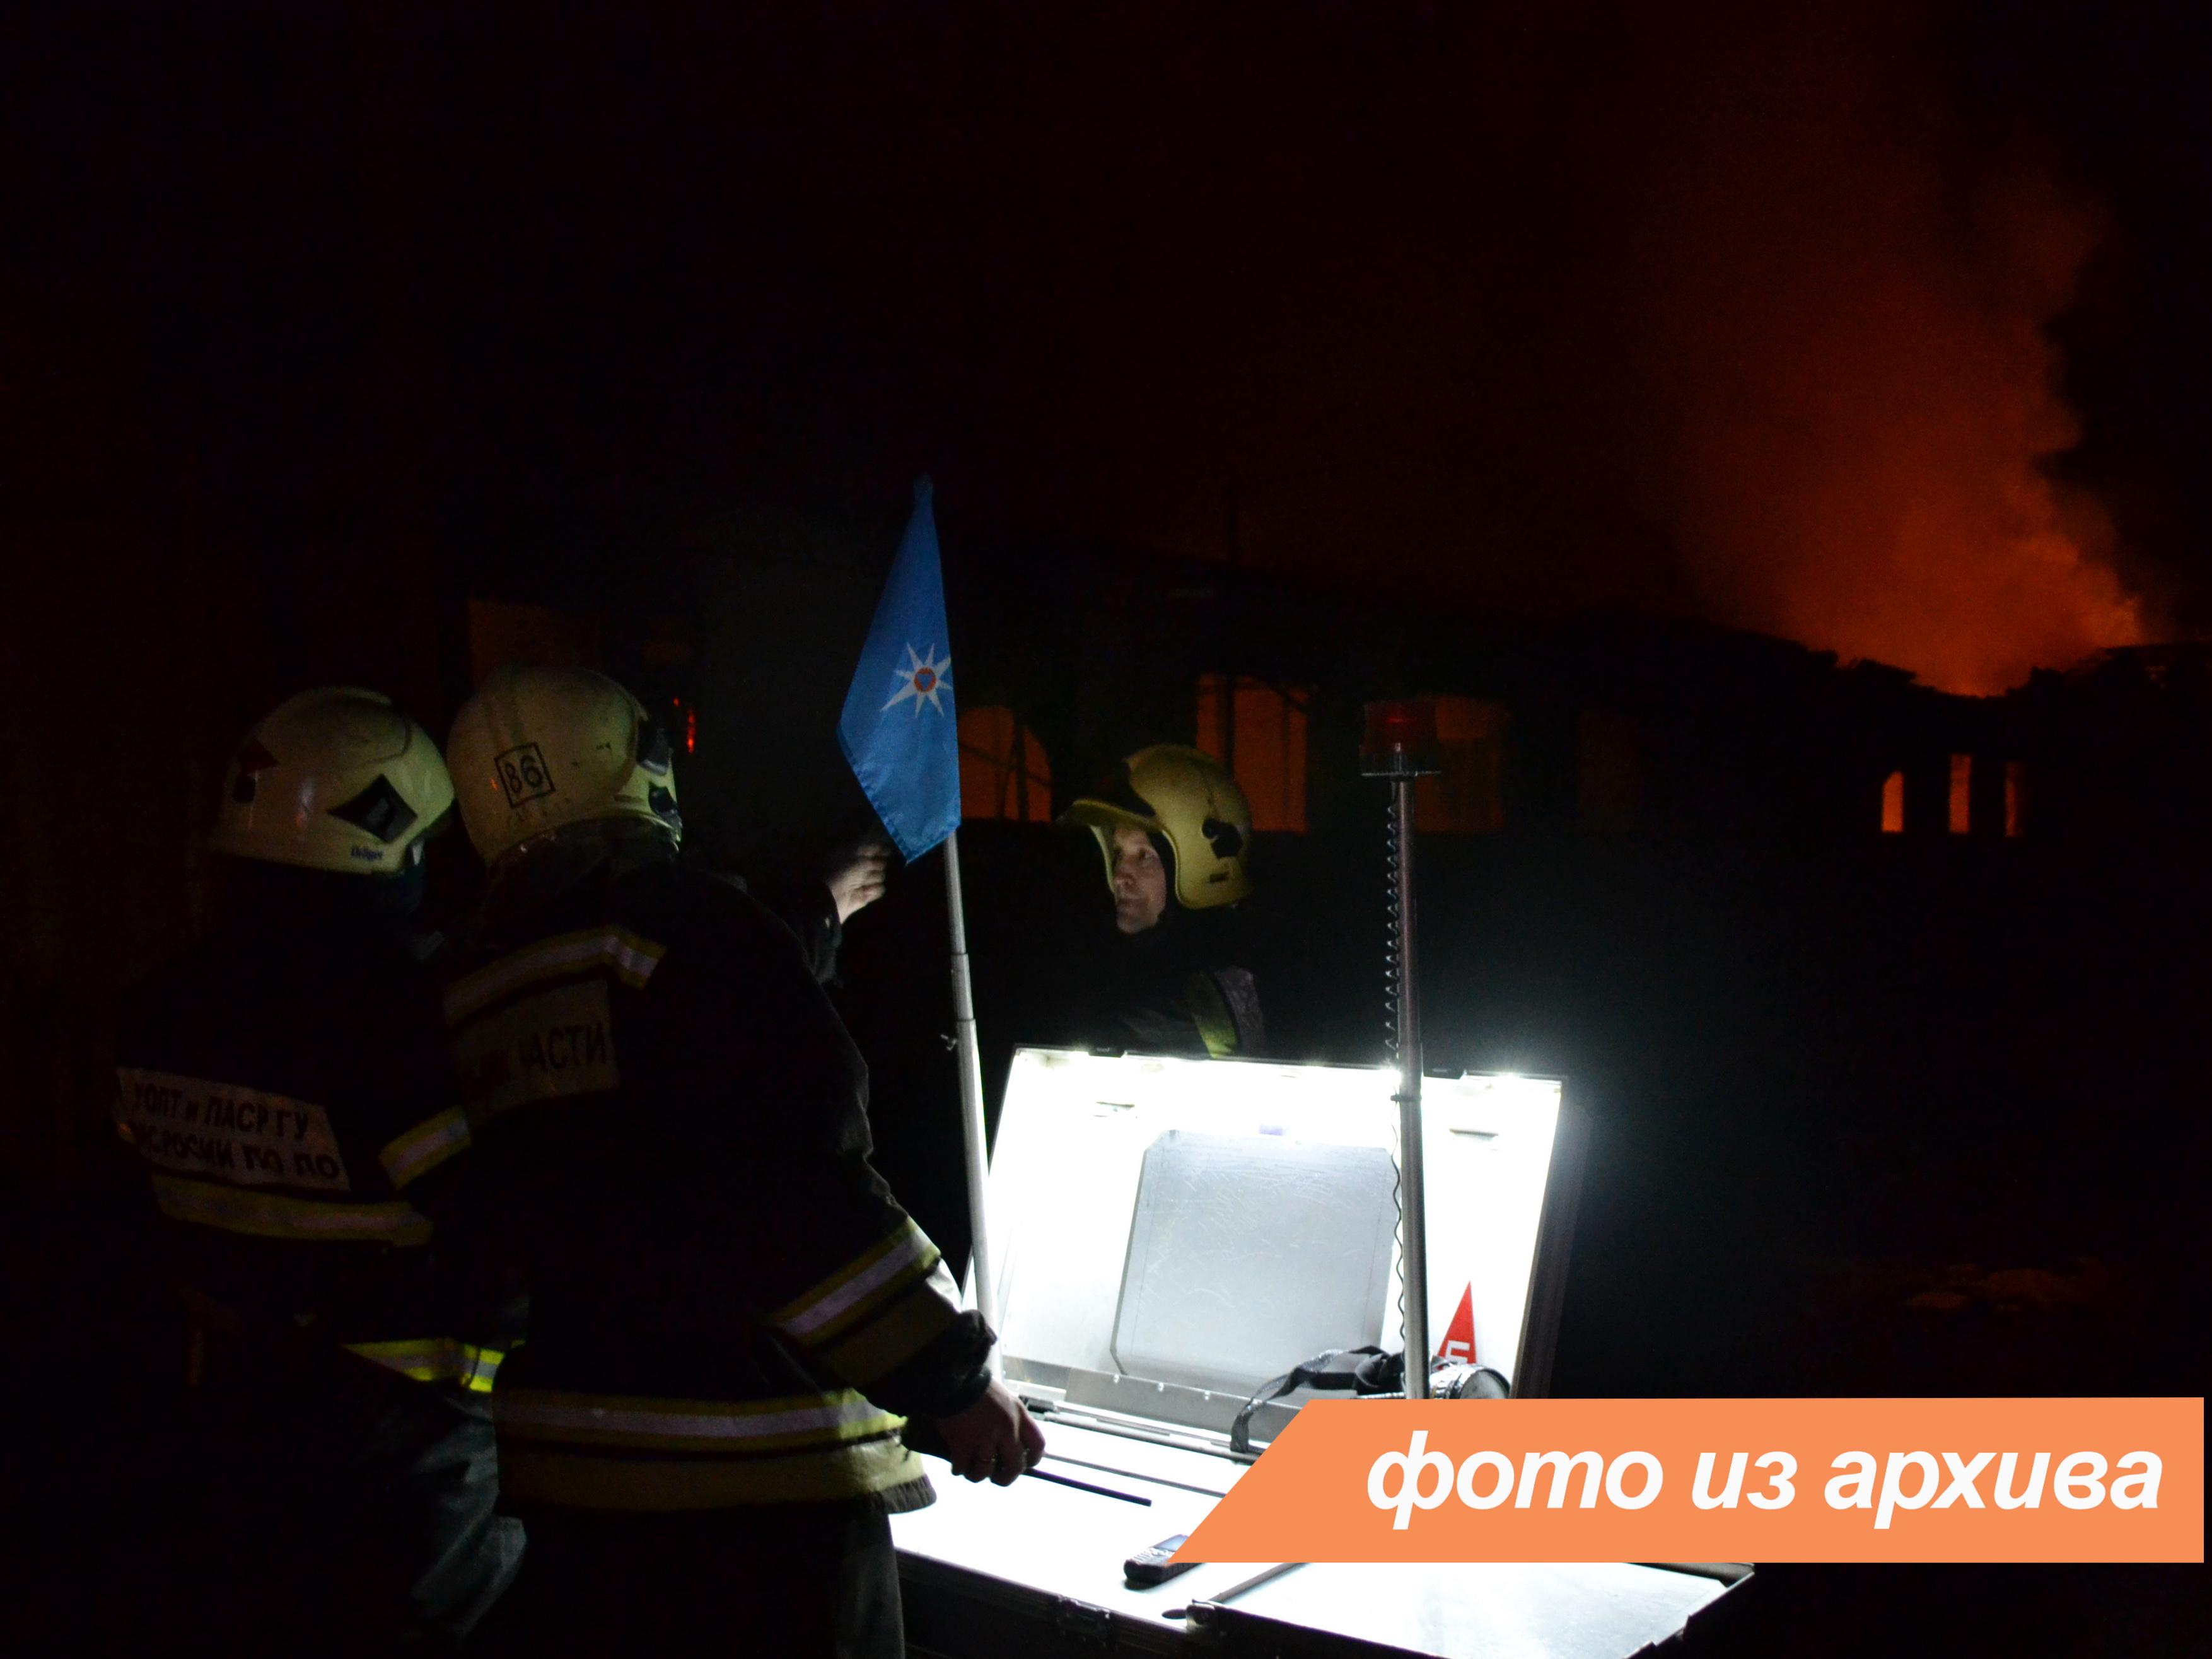 Пожарно-спасательное подразделение Ленинградской области ликвидировало пожар в Гатчинском районе